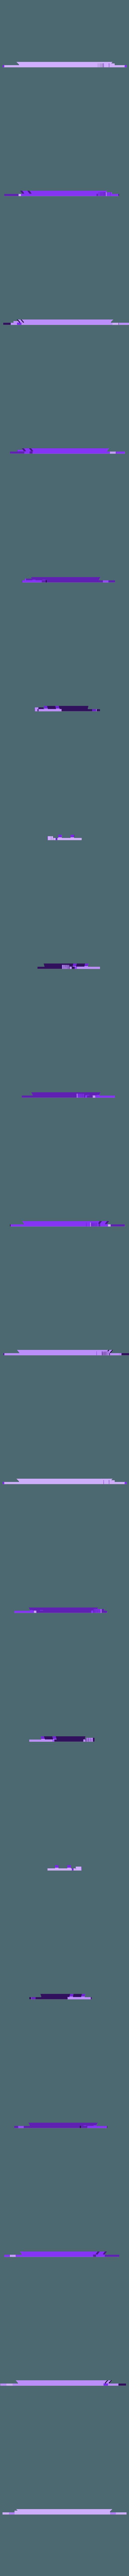 """slider.stl Télécharger fichier STL gratuit OTF Knife Switch Blade (Fonctionnel) version """"améliorée"""" v1.2 • Modèle imprimable en 3D, mathiaspl20"""